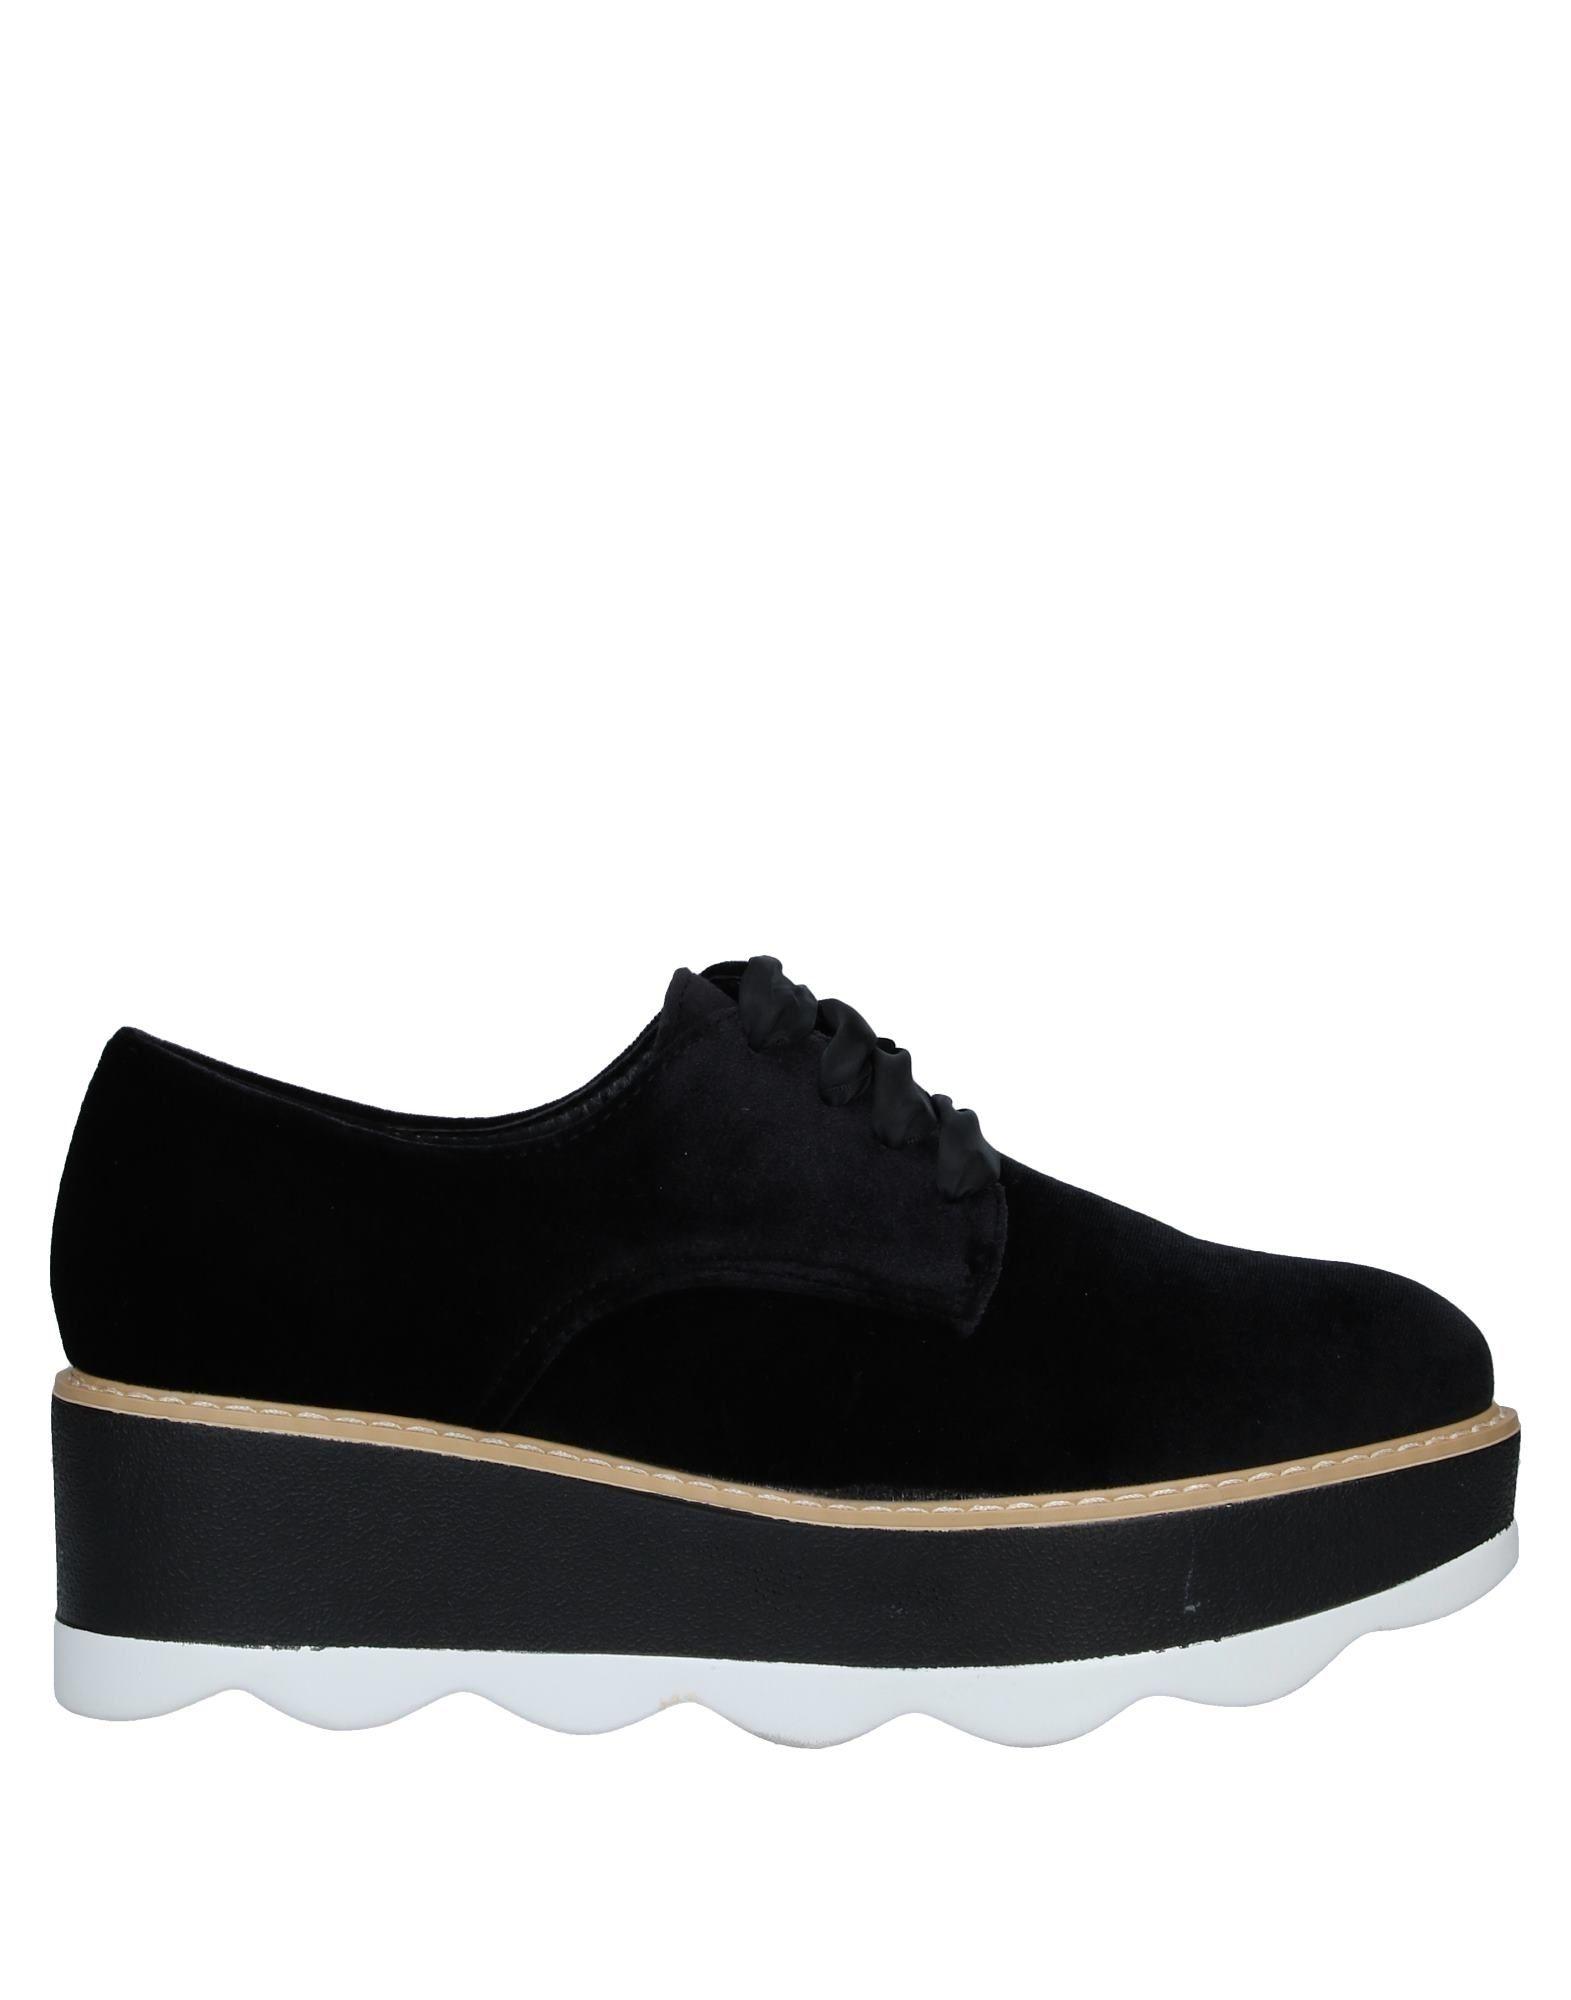 MY STUDIO Обувь на шнурках цены онлайн